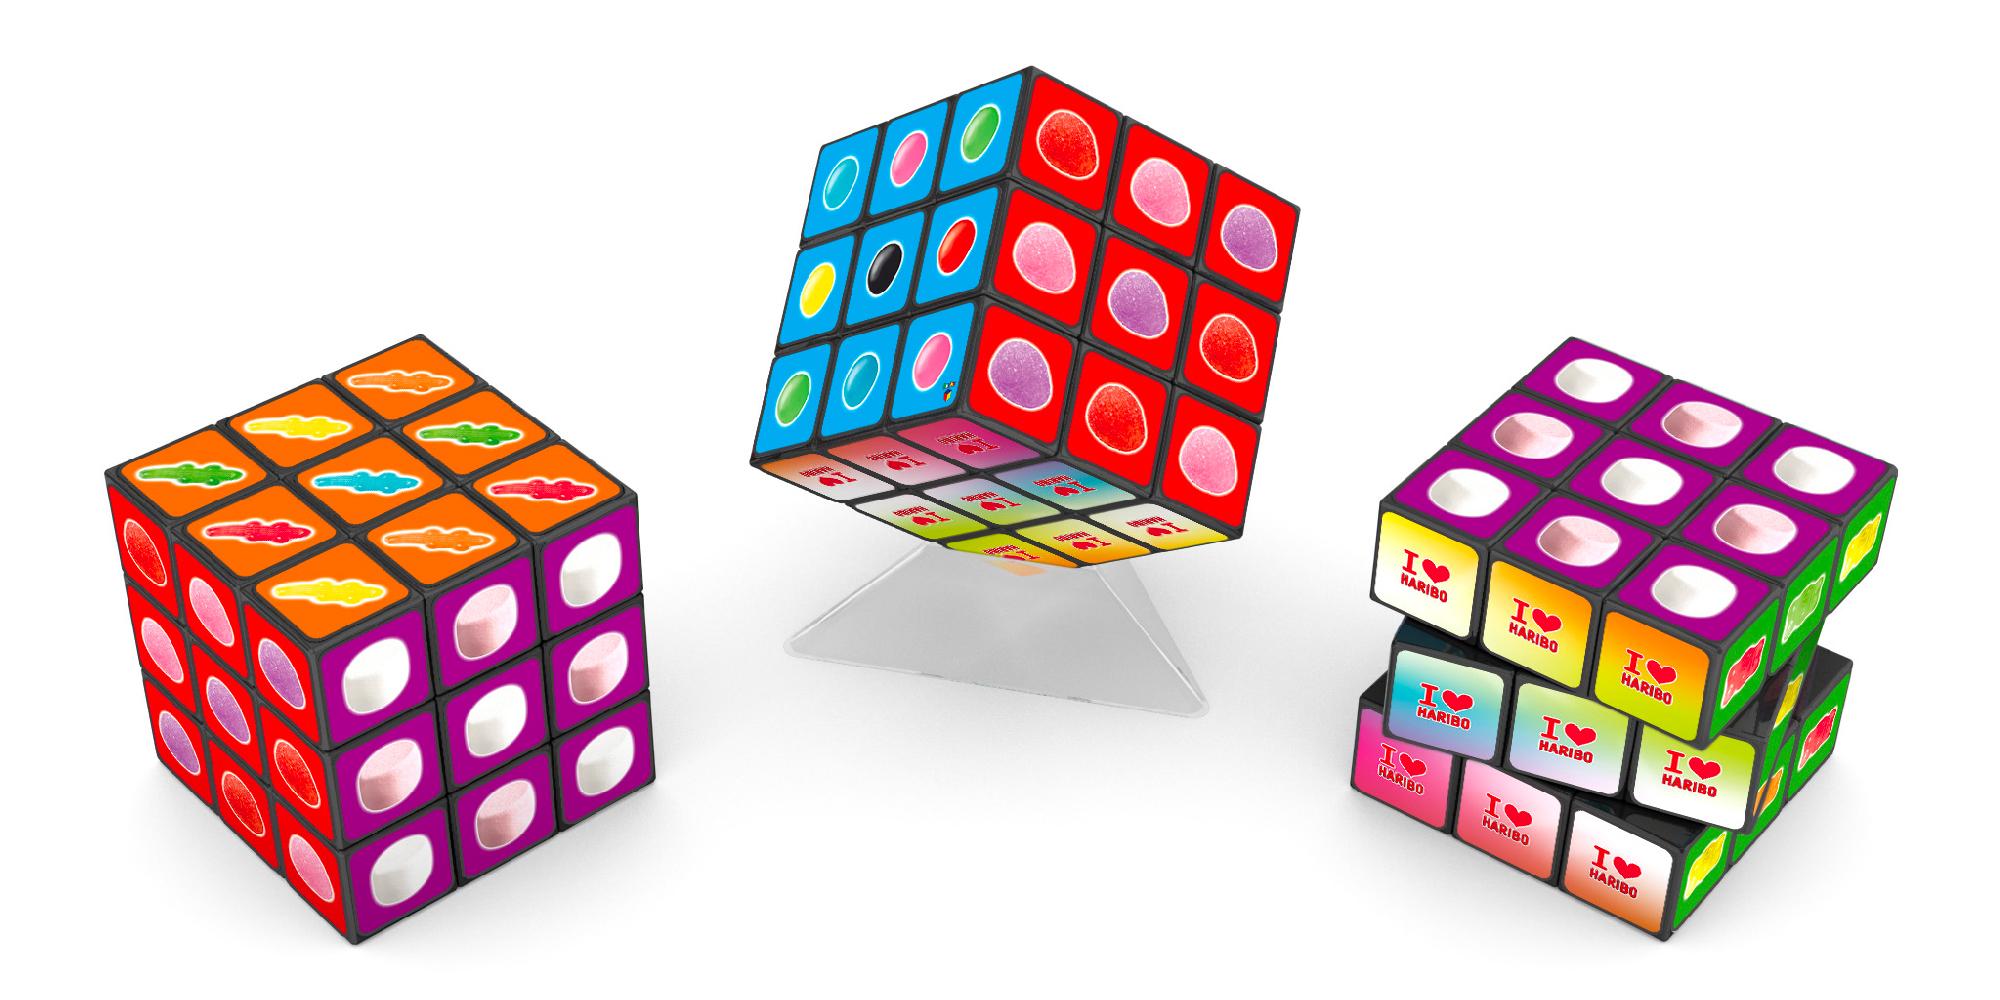 Le Rubik's Cube fête ses 40 ans en 2020.